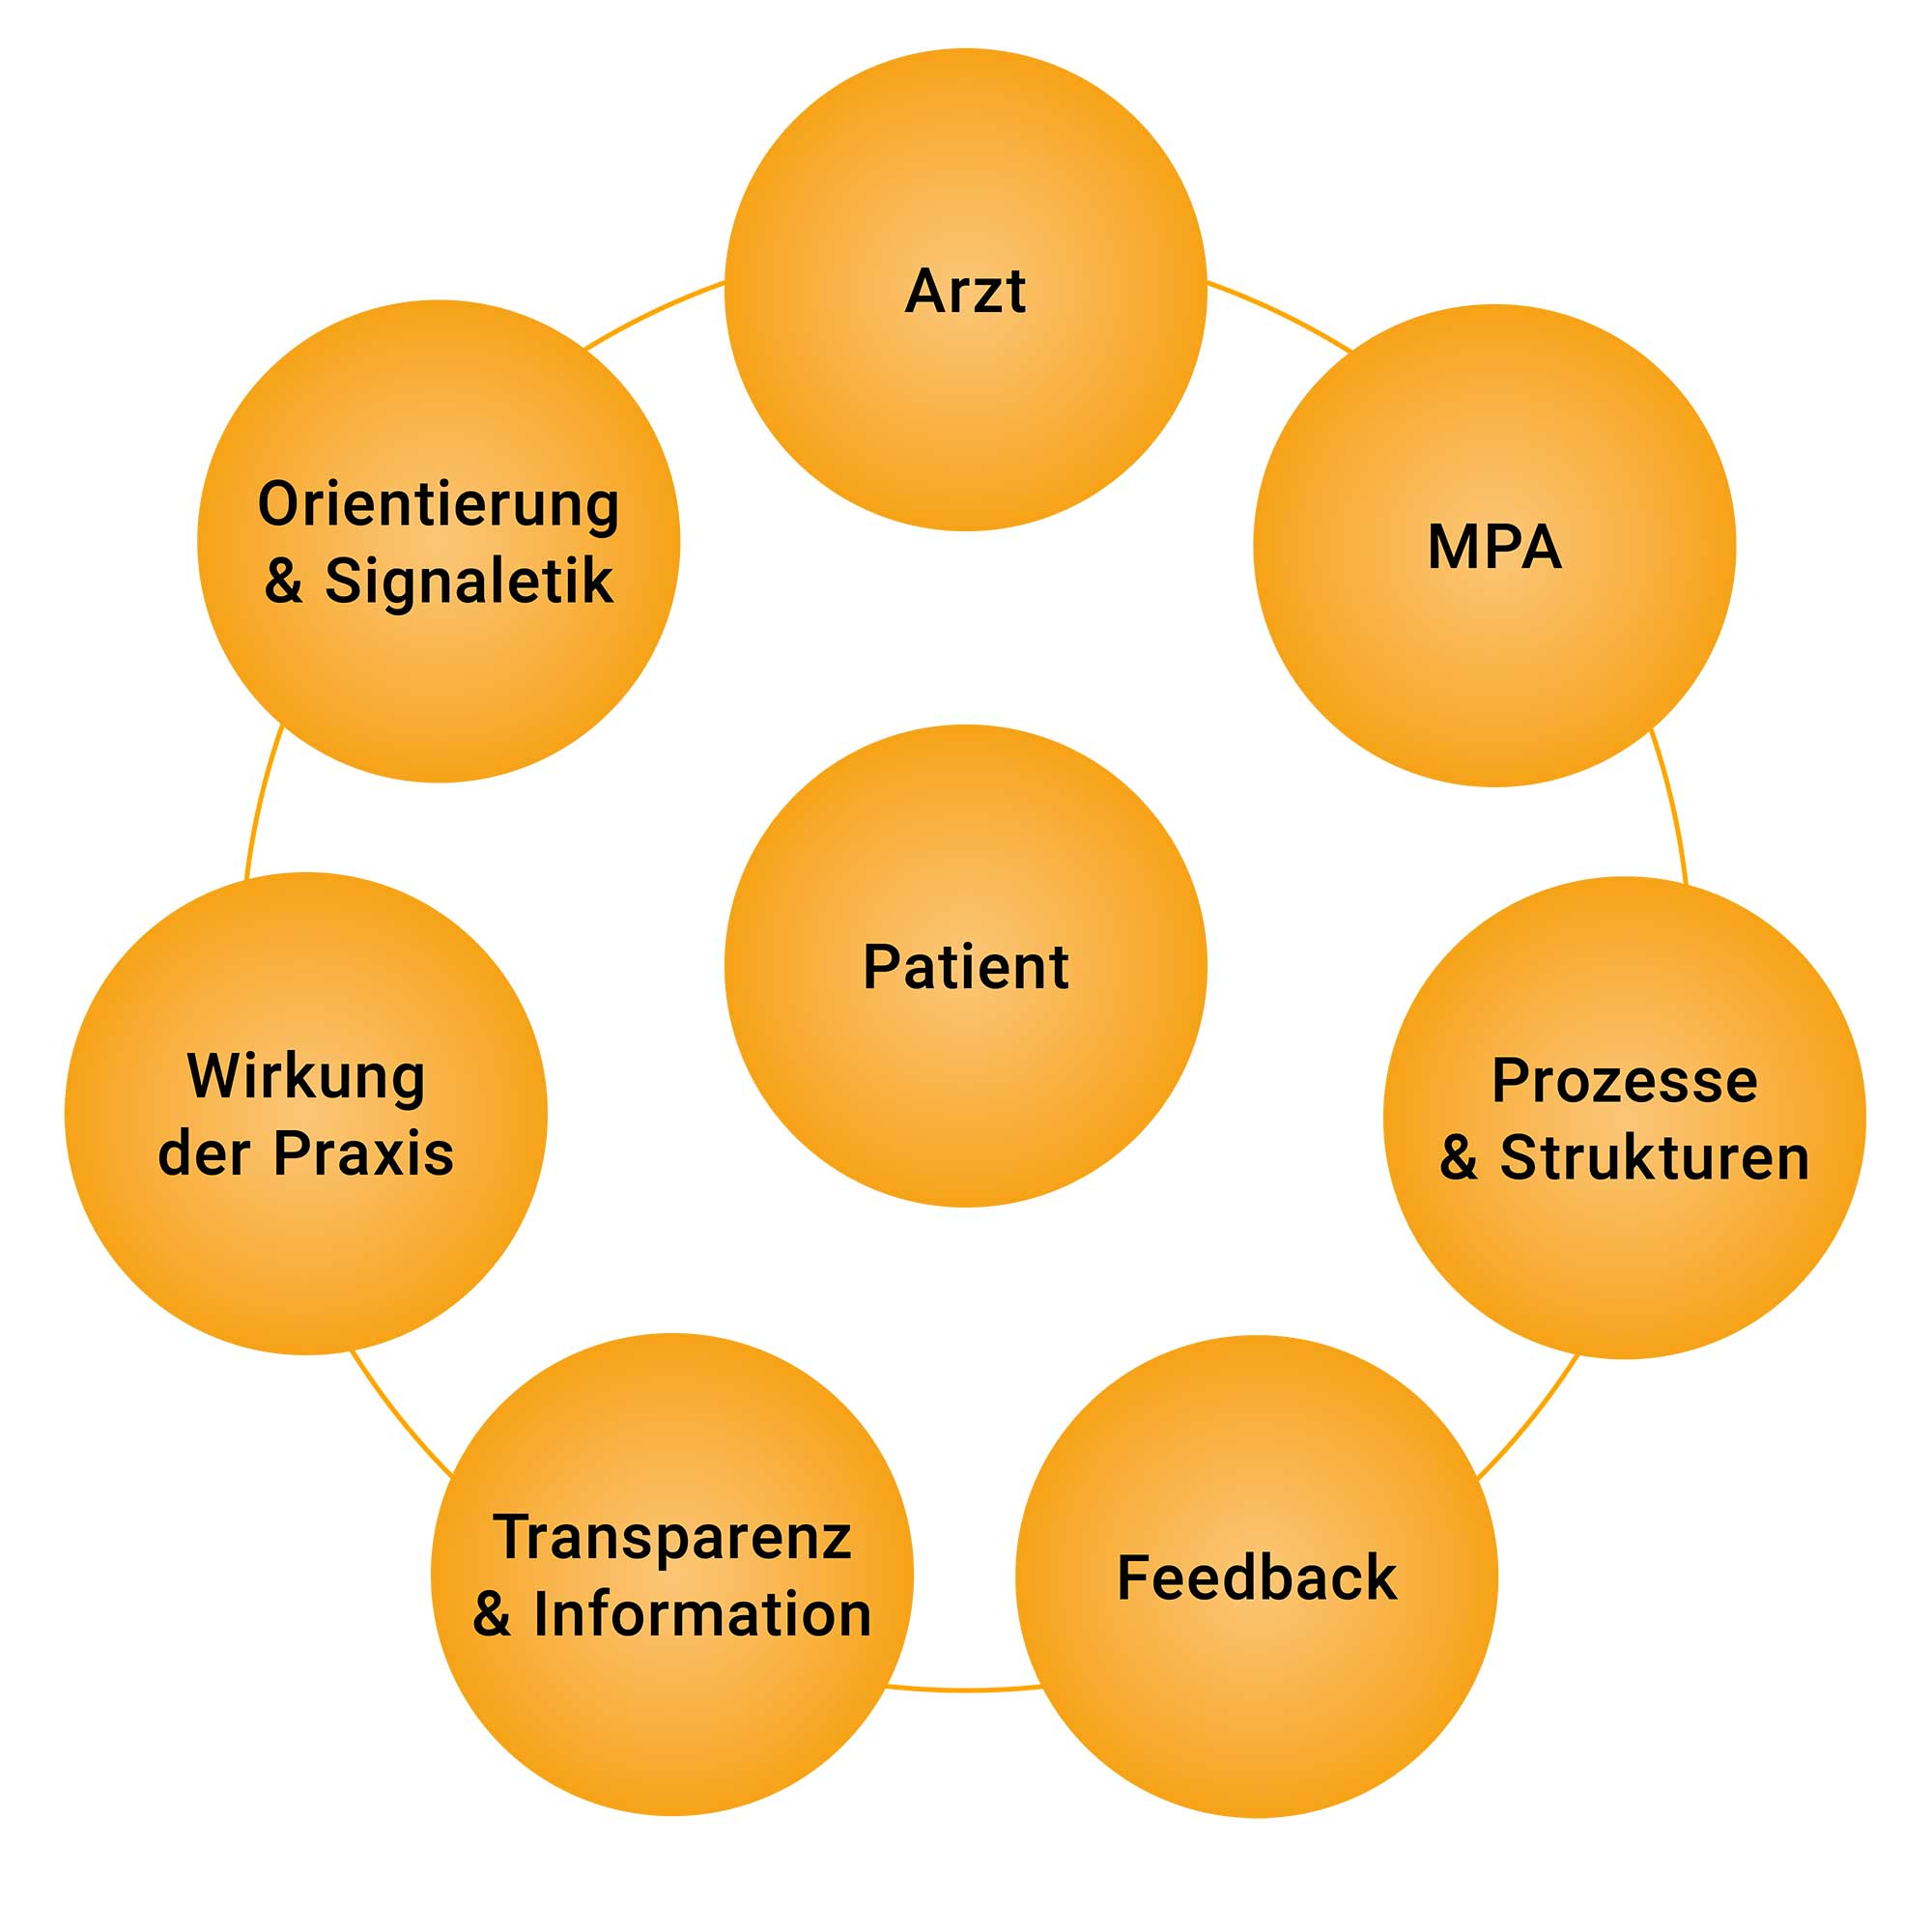 kommunikations- und anspruchsfaktoren in der modernen arztpraxis